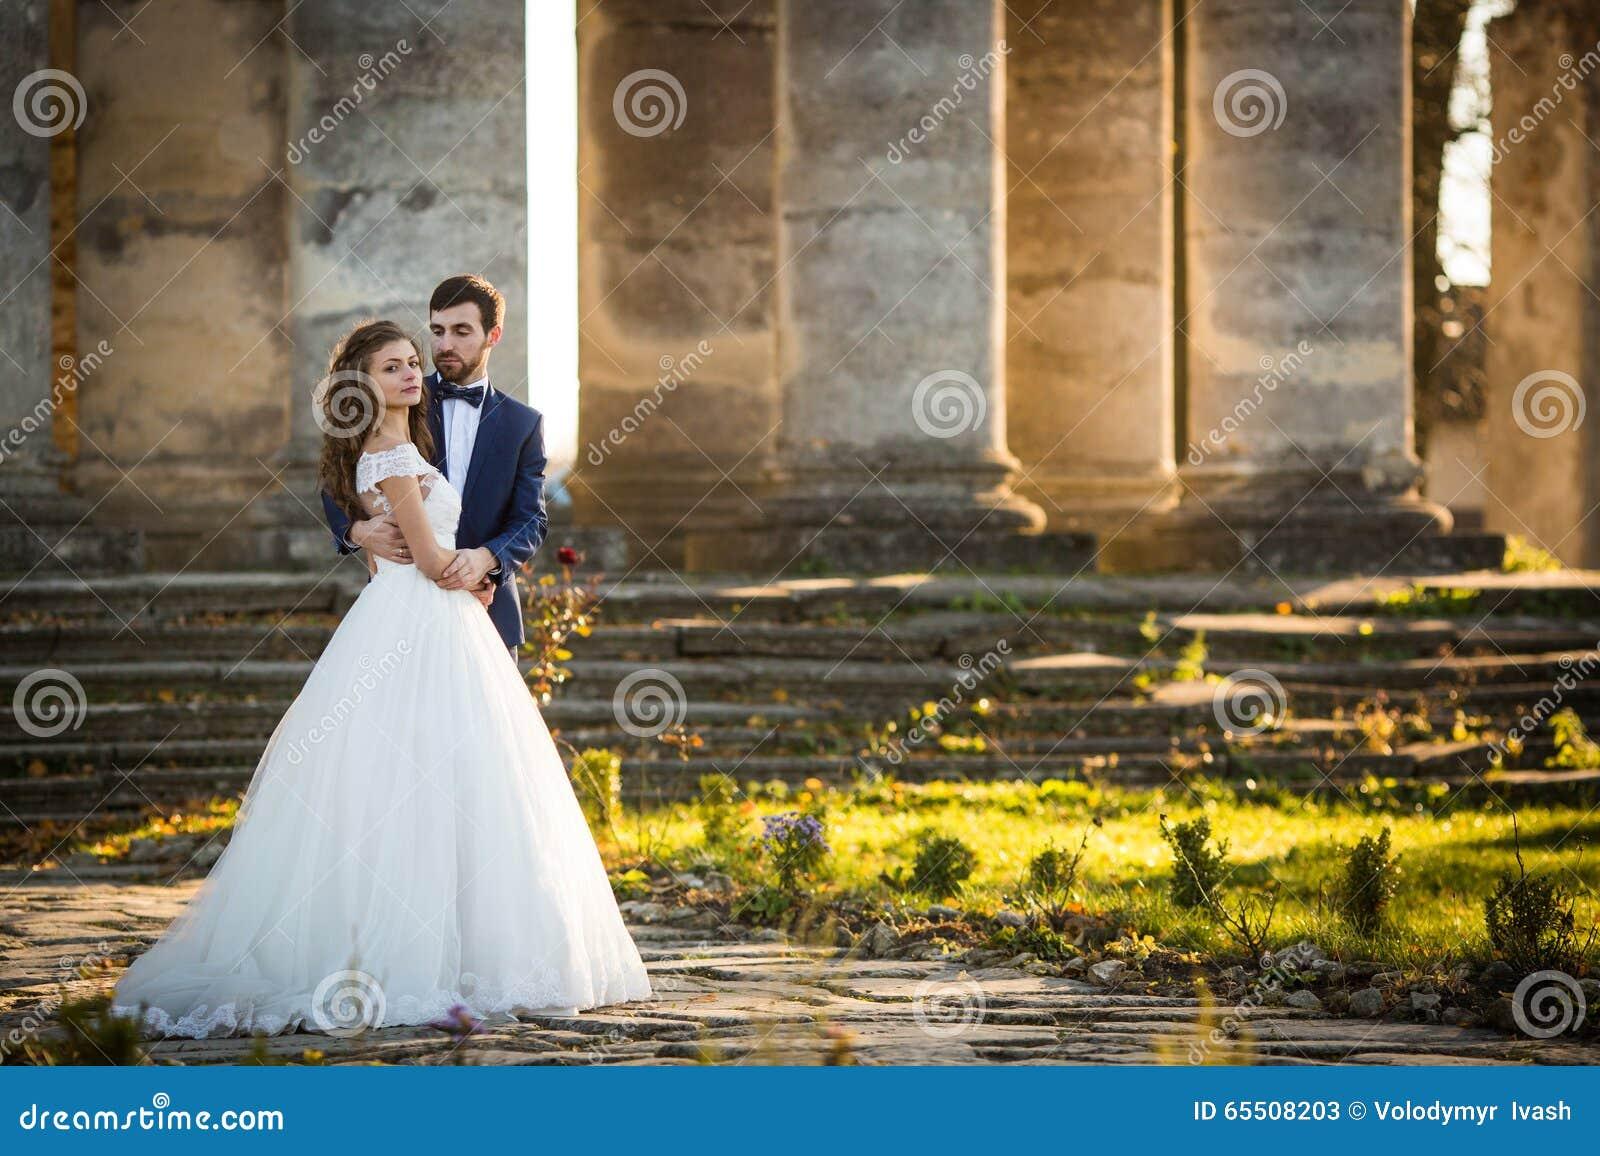 Sinnliche romantische Jungvermähltenbraut und -bräutigam, die vor alter barocker Kirche umarmt